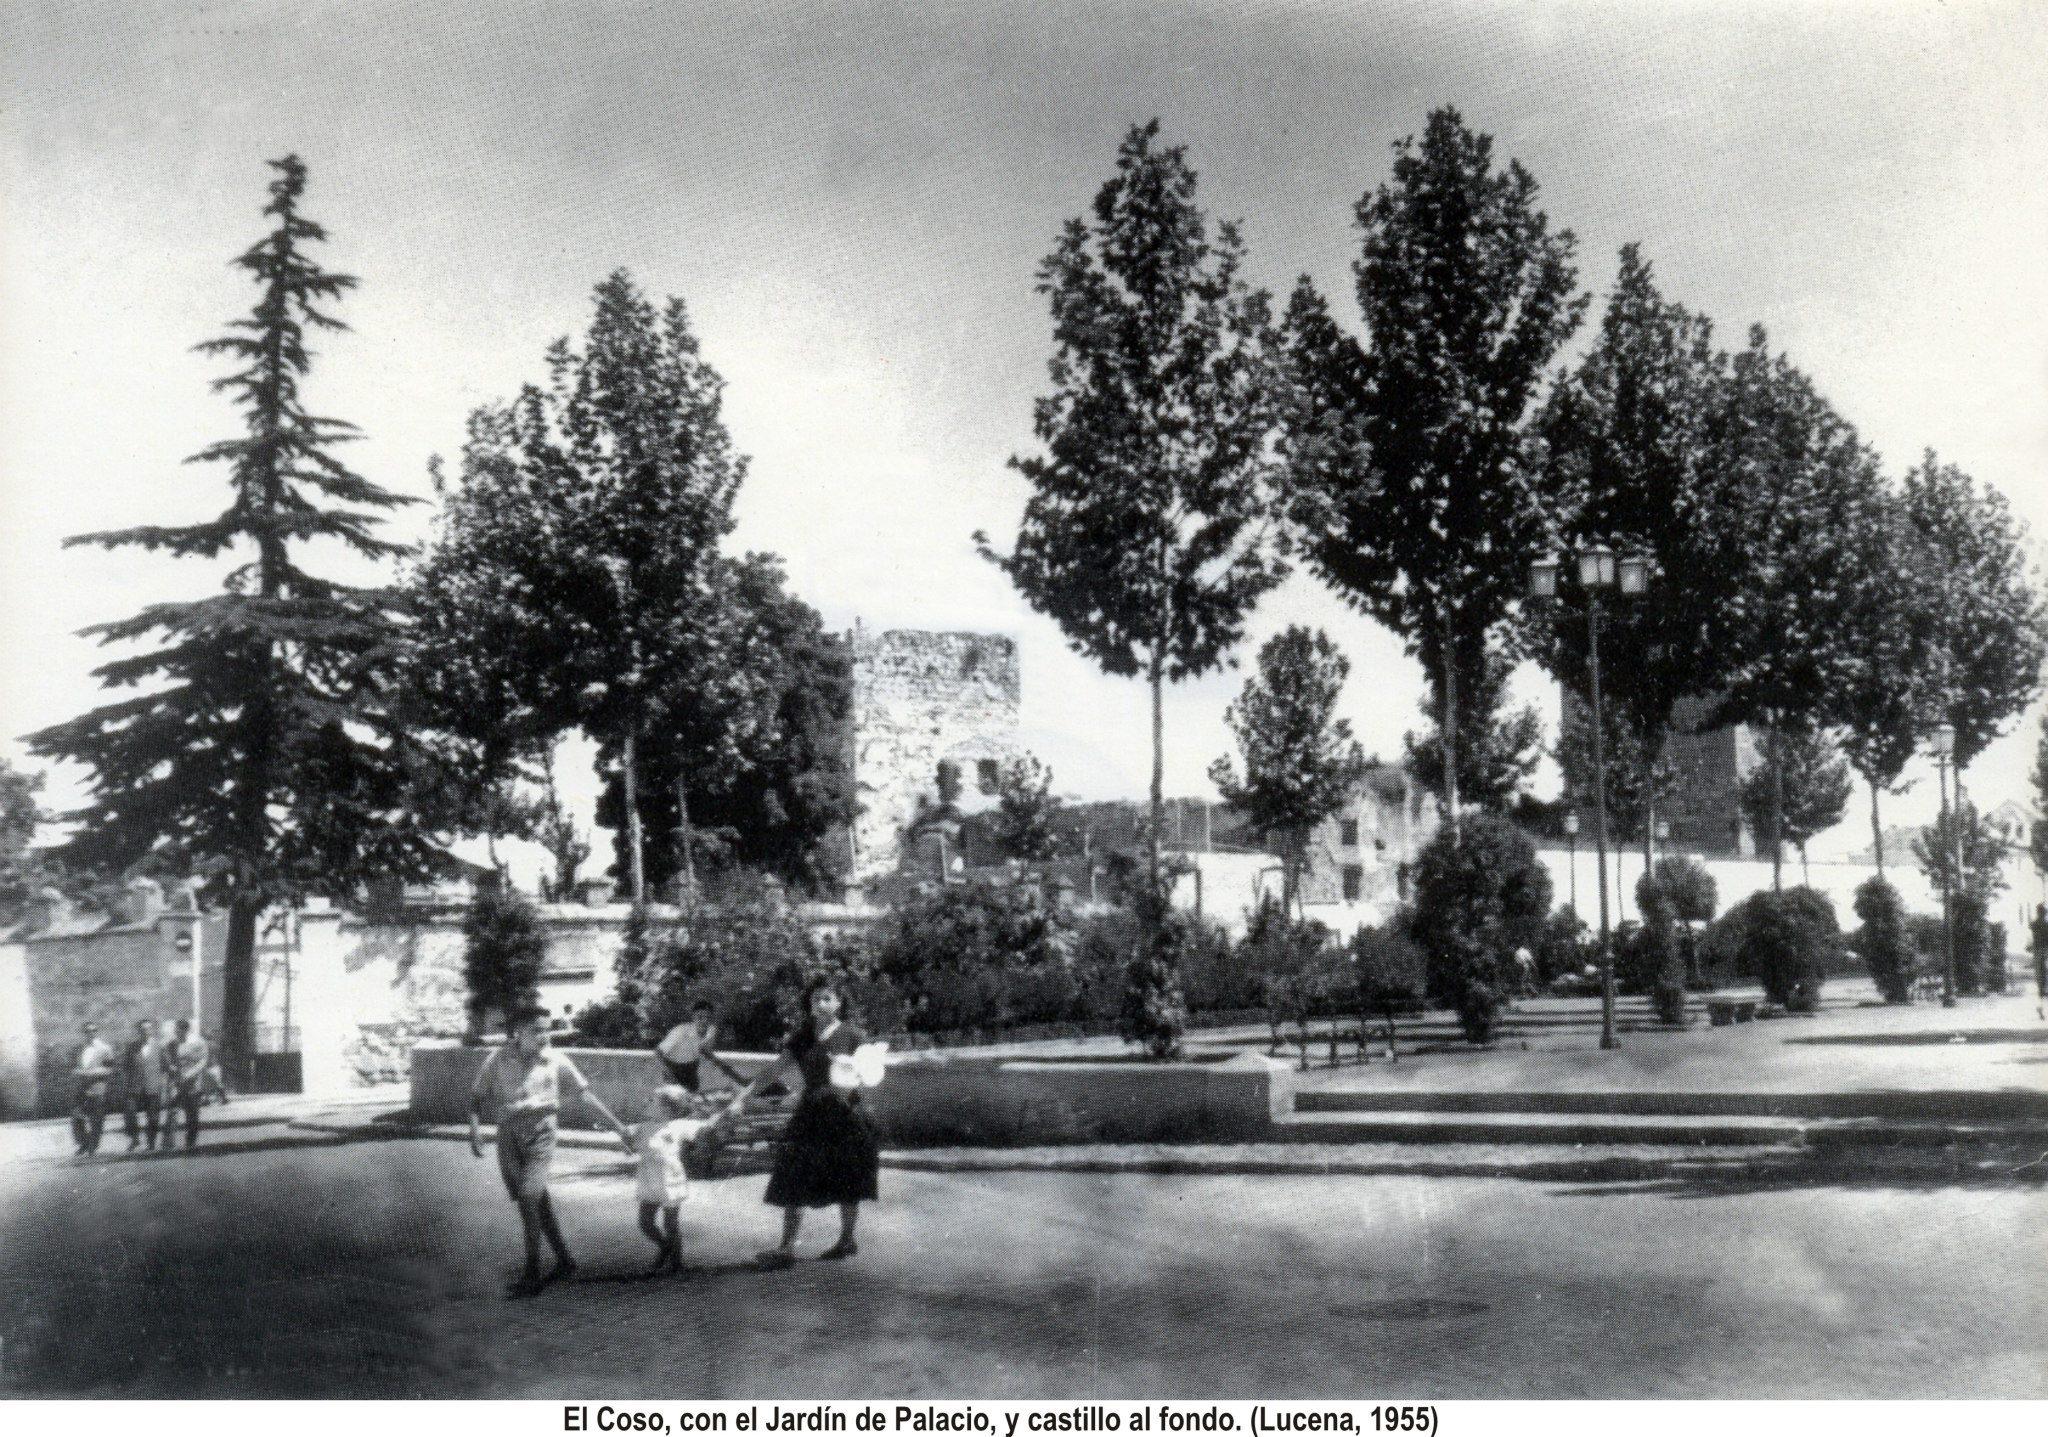 El Coso. 1955